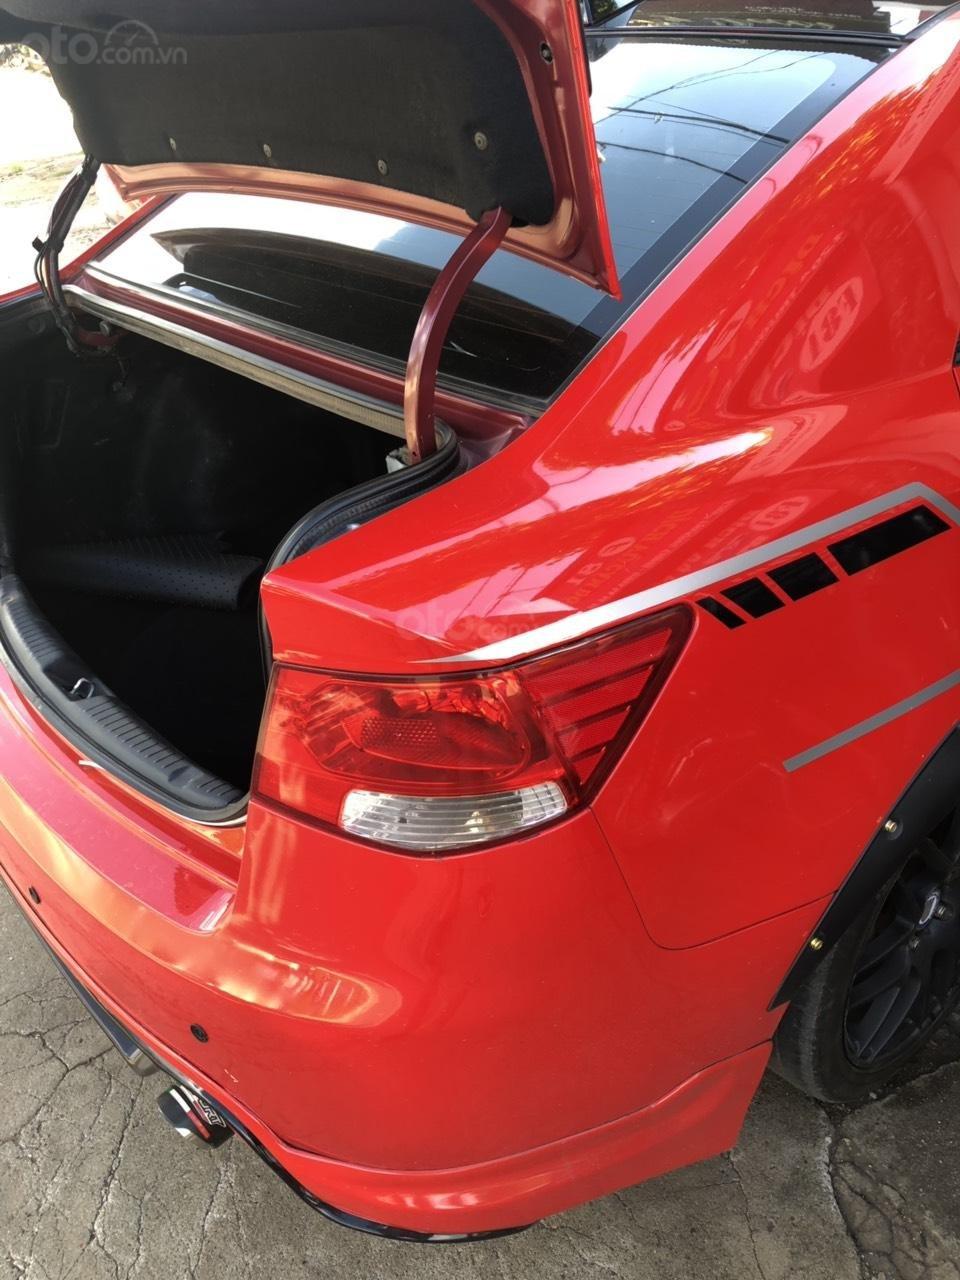 Cần bán Kia Forte sx 2010, xe full đồ chơi tầm 80tr, xe mình đi nên giữ gìn kĩ, xem xe thích ngay, LH: 0988644446 (10)